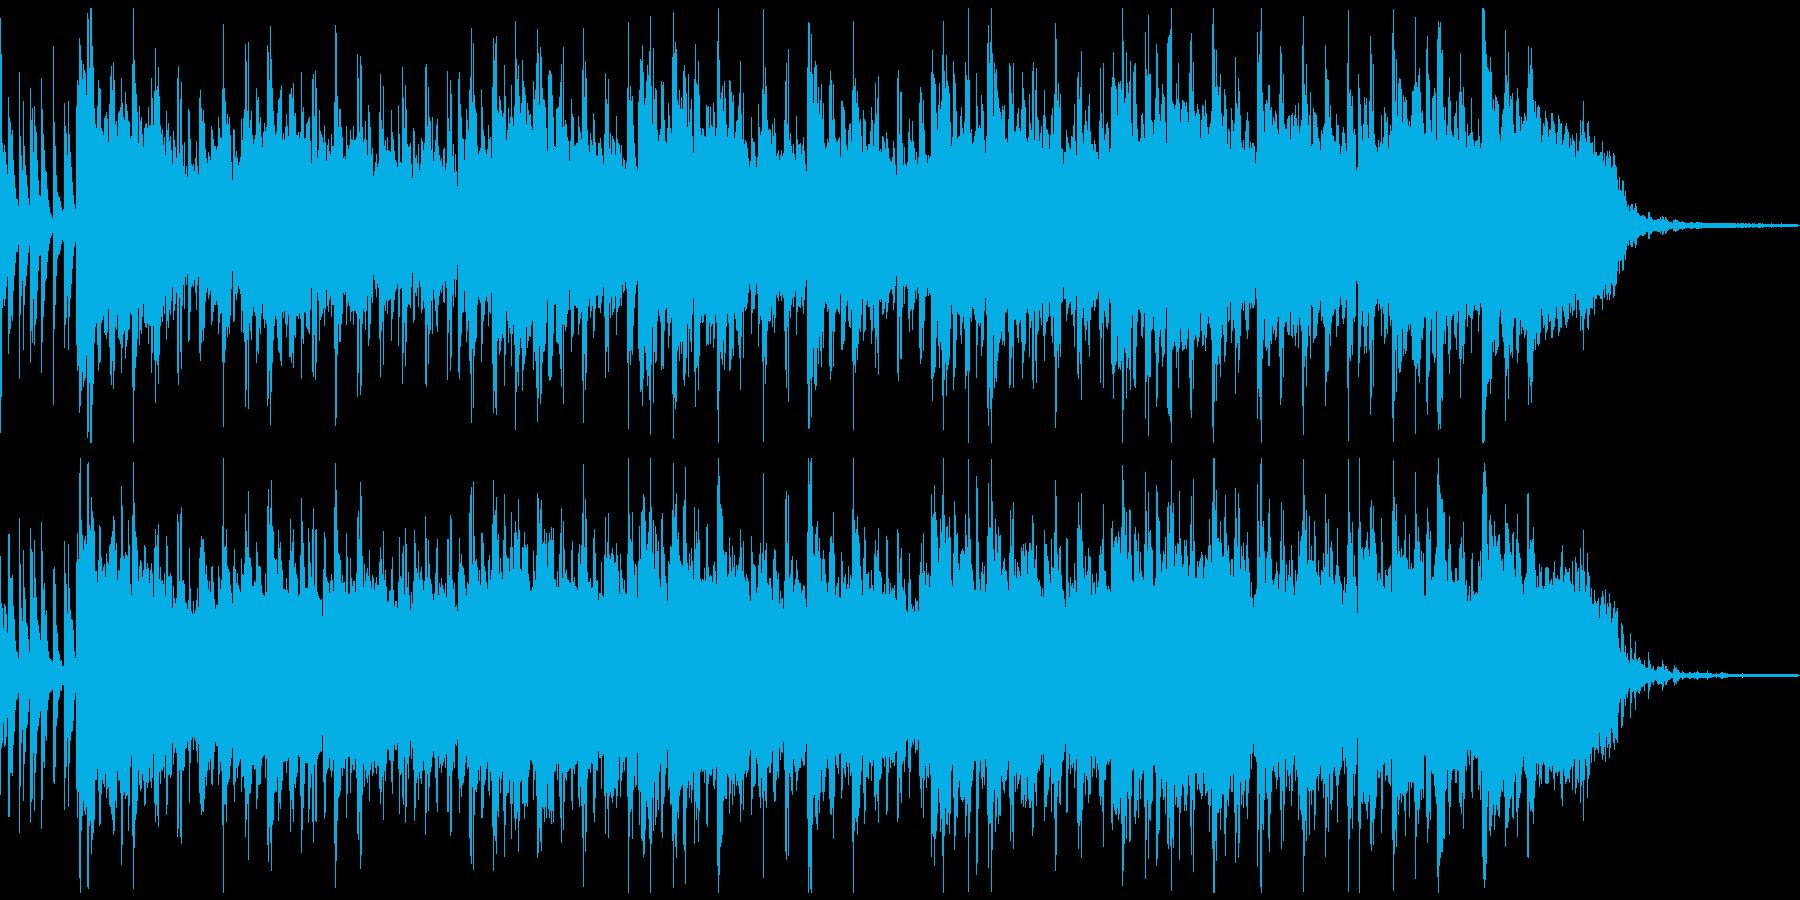 軽快でおしゃれな雰囲気のラウンジジャズの再生済みの波形